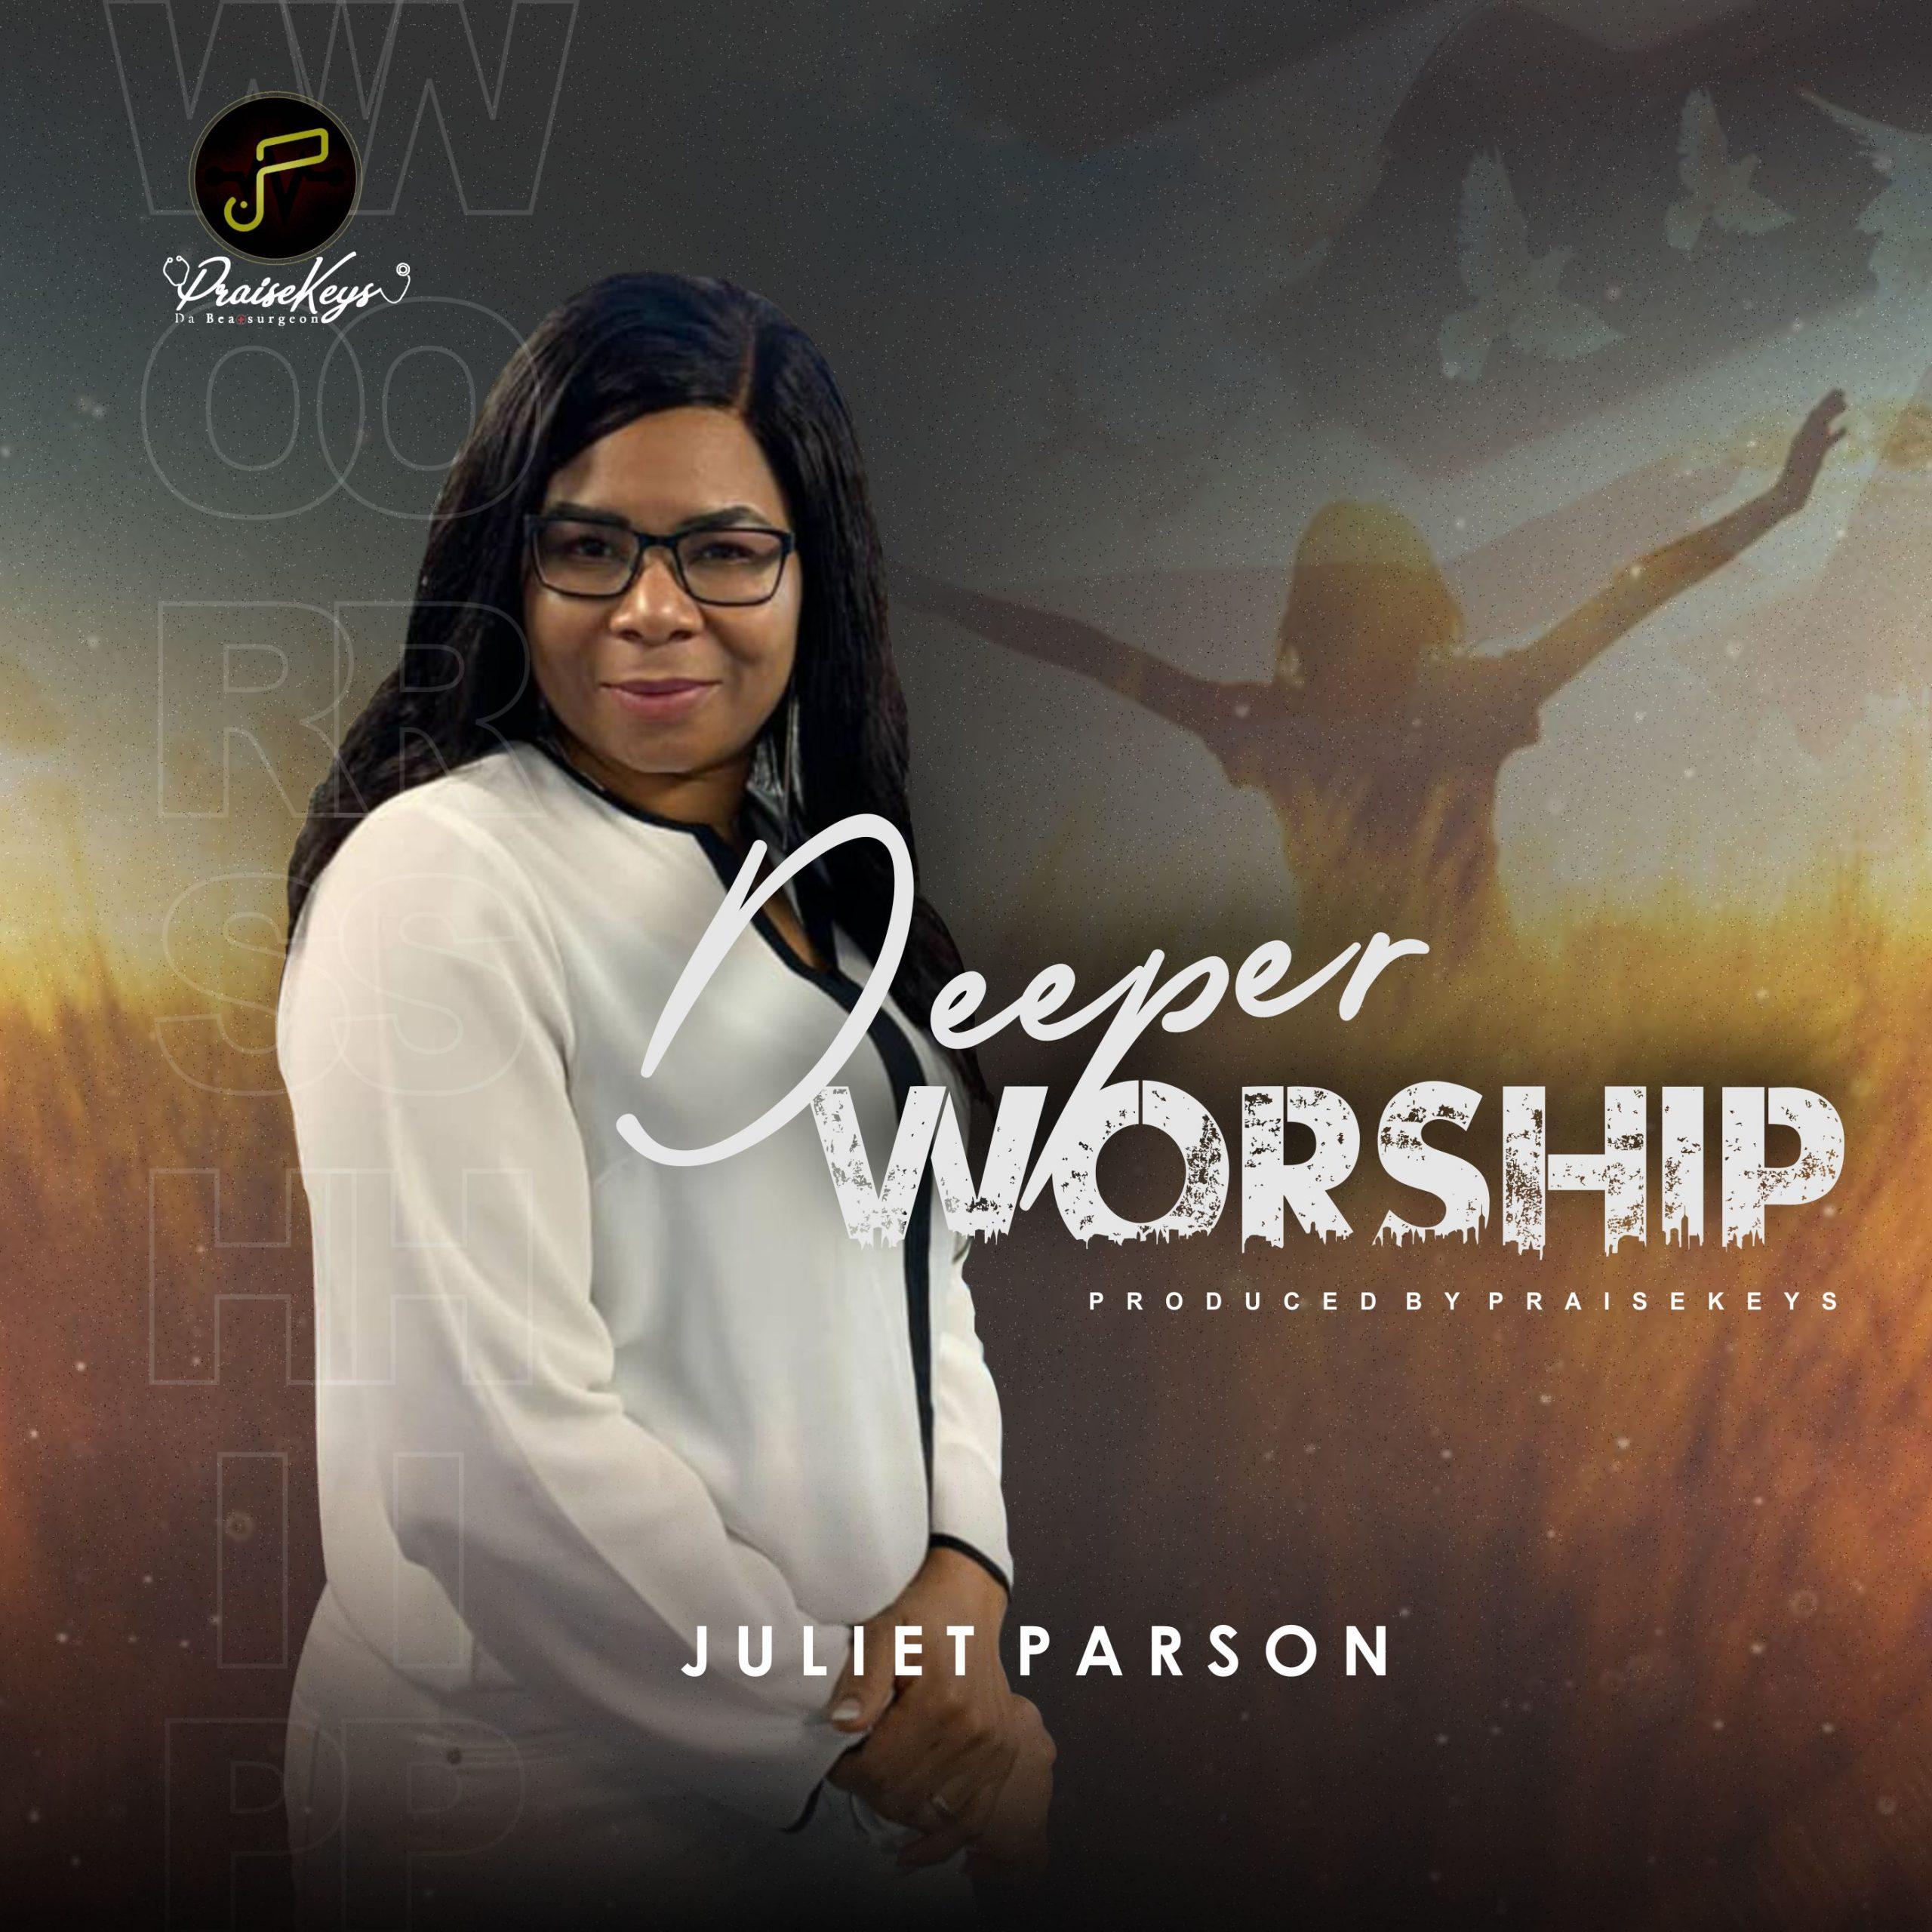 DOWNLOAD MP3: Juliet Parson - Deeper